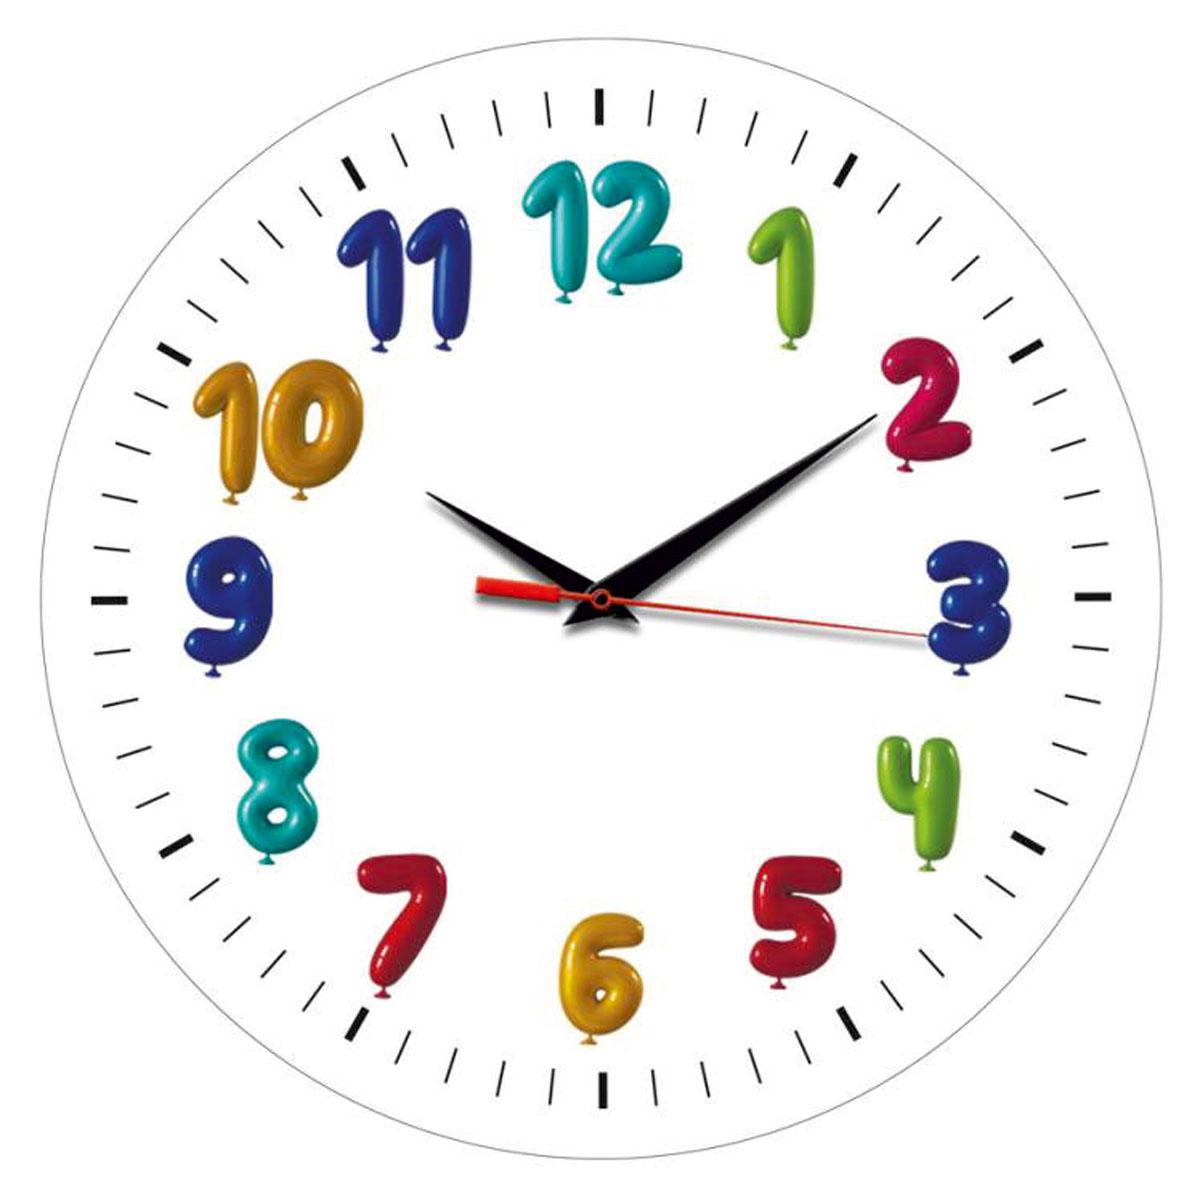 Часы настенные Miolla Дети98298123_черныйОригинальные настенные часы круглой формы Miolla Дети выполнены из закаленного стекла. Часы имеют три стрелки - часовую, минутную и секундную. Необычное дизайнерское решение и качество исполнения придутся по вкусу каждому.Оформите свой дом таким интерьерным аксессуаром или преподнесите его в качестве презента друзьям, и они оценят ваш оригинальный вкус и неординарность подарка. Часы работают от 1 батарейки типа АА напряжением 1,5 В.Диаметр часов: 28 см.